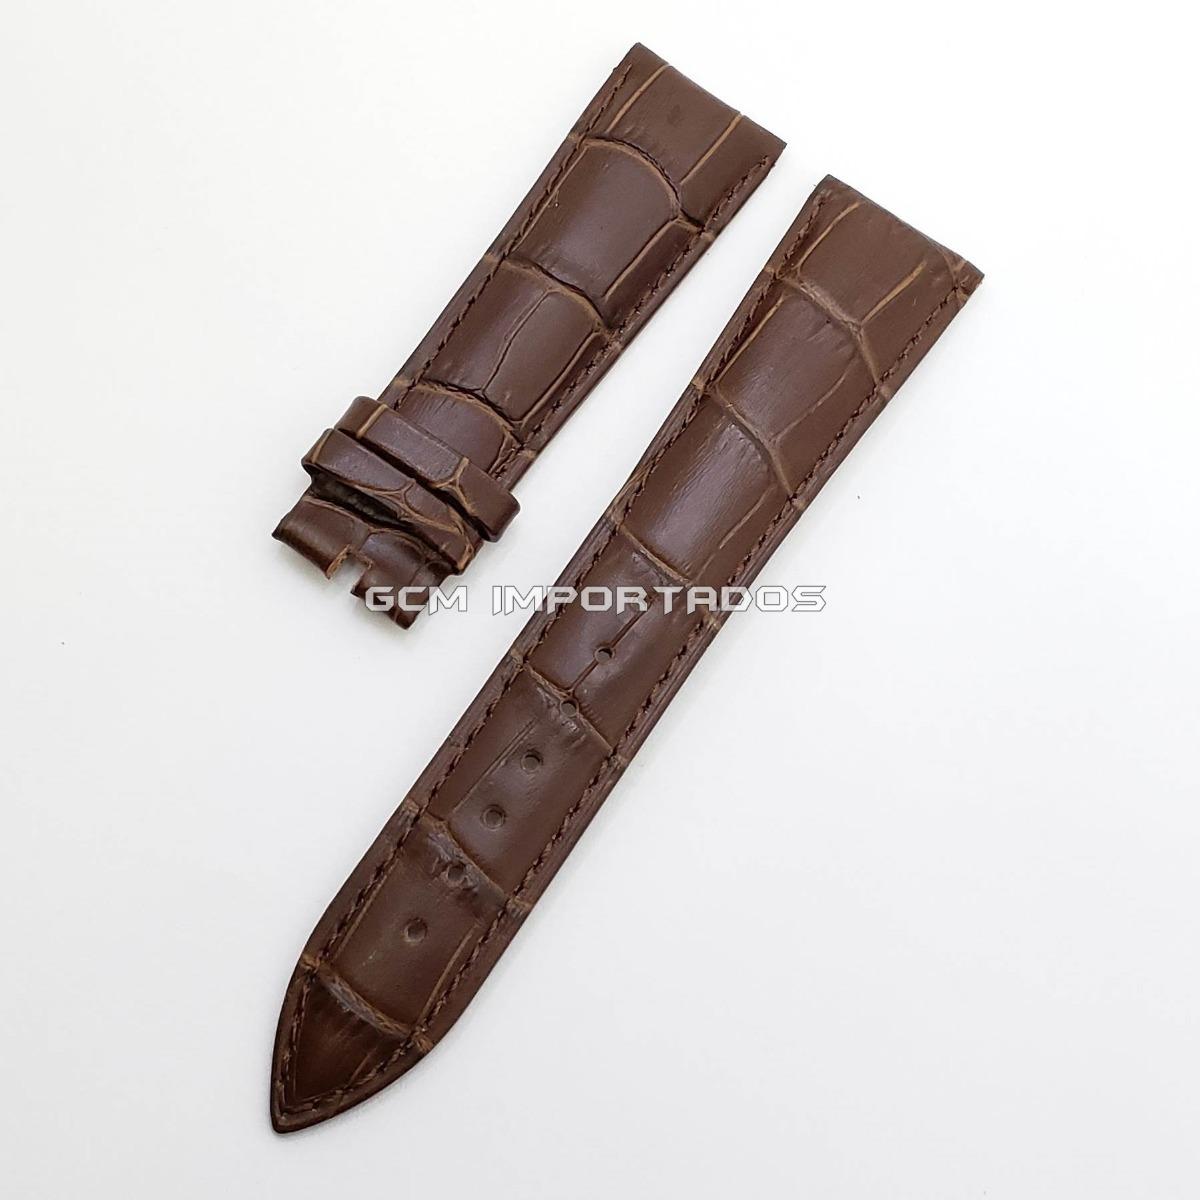 6018aff22f0 pulseira para mont blanc em couro legítimo marrom 22 18 mm. Carregando zoom.